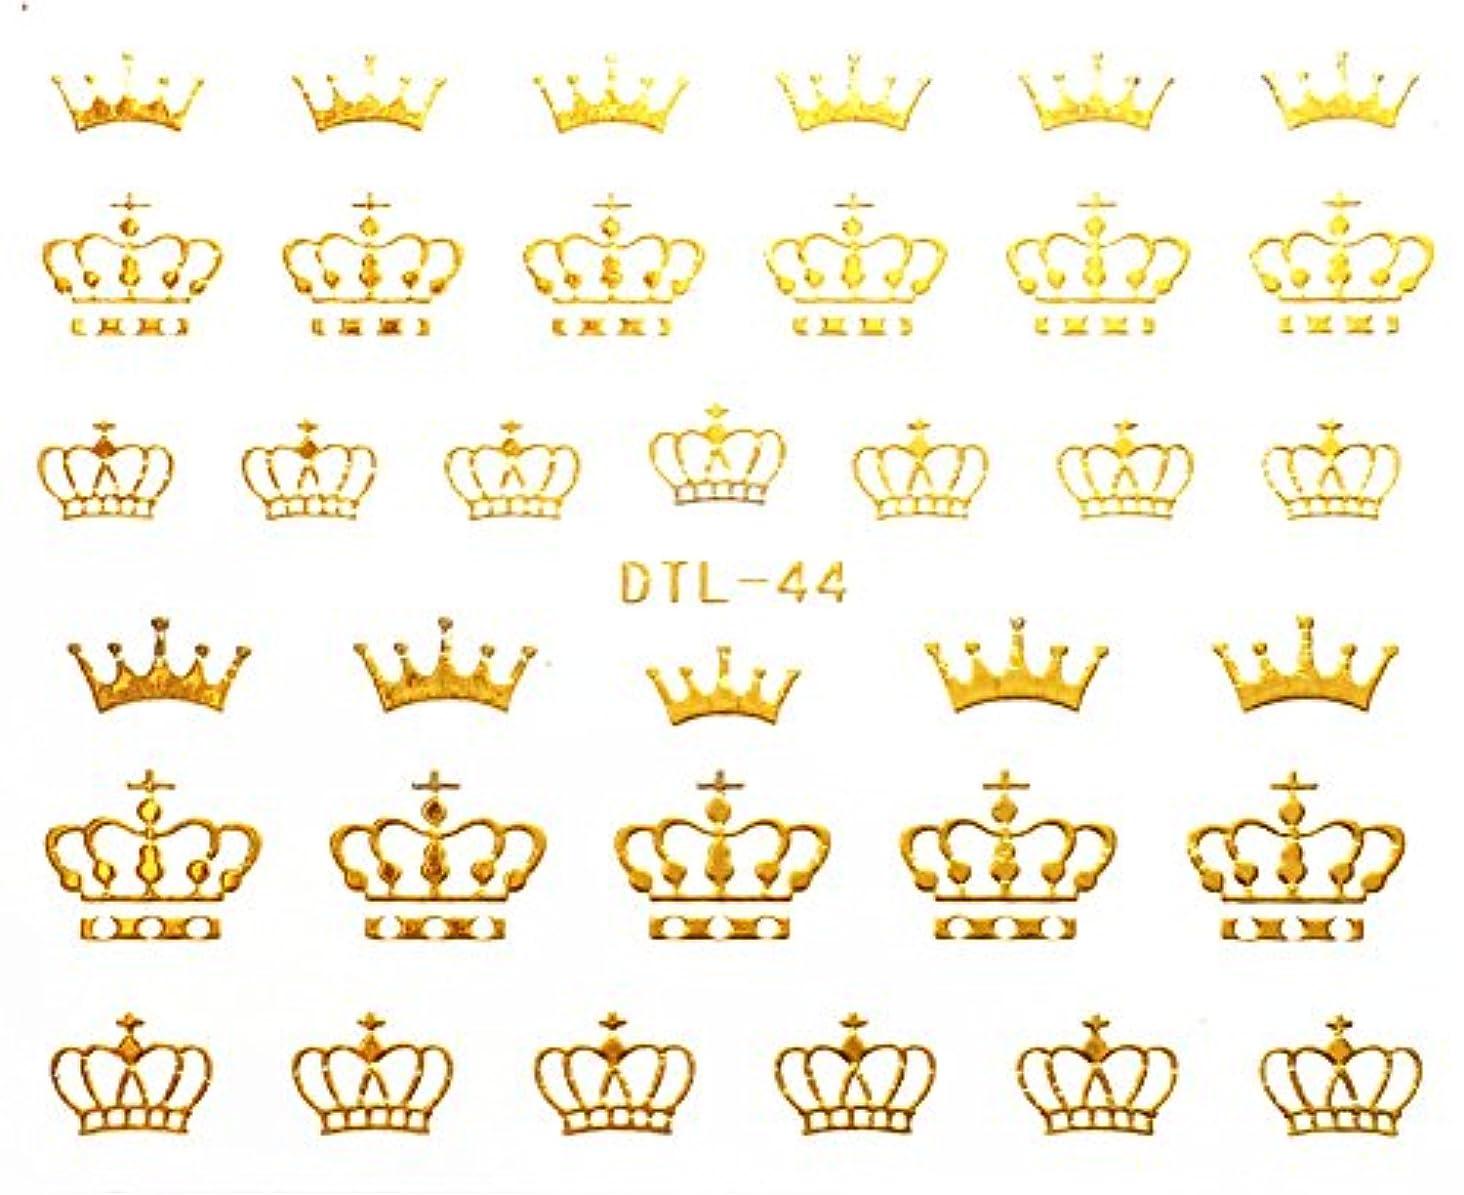 金銭的なお風呂を持っている南極ネイルアート3Dデカルステッカー ネイルステッカータトゥー ネイル用シール?ステッカー 王冠 - DTL044 - StickerCollection